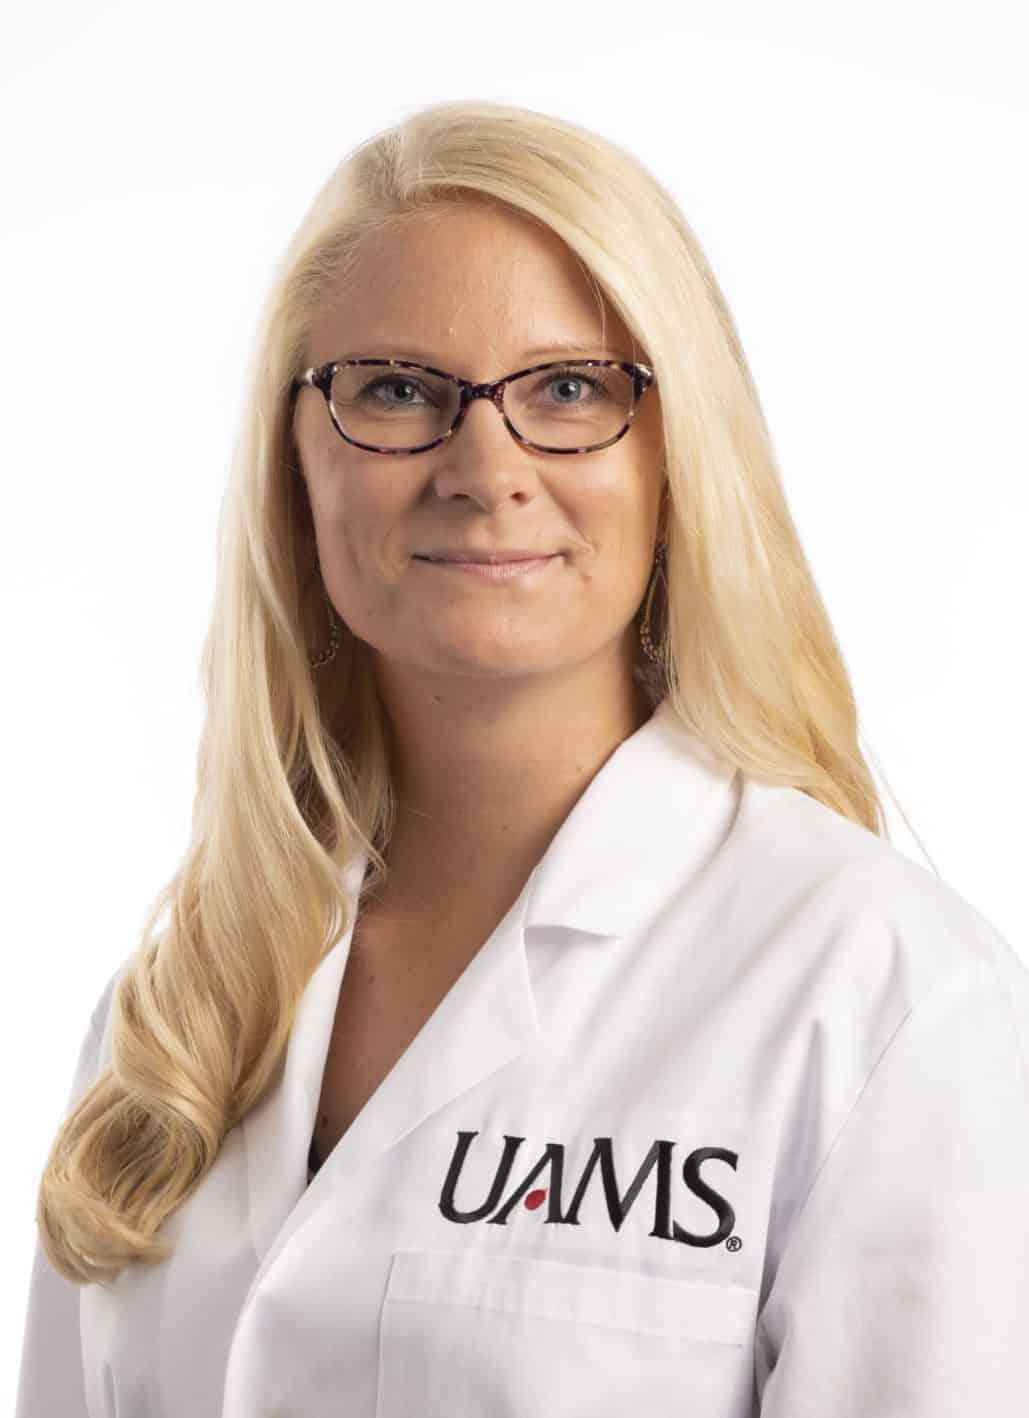 Hanna Jensen, M.D., Ph.D.